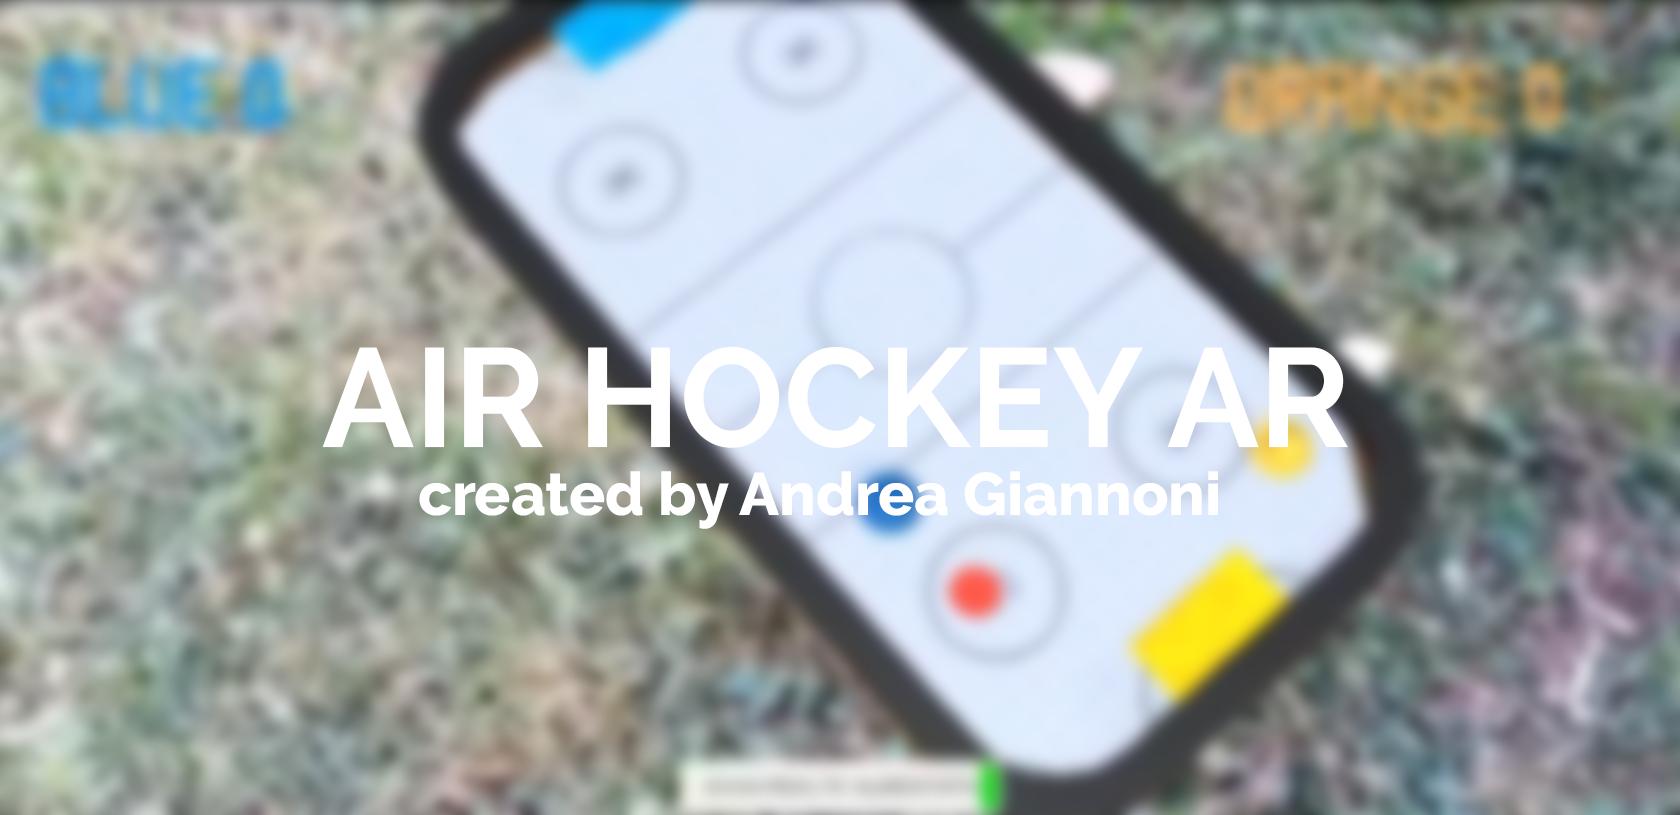 Air Hockey AR